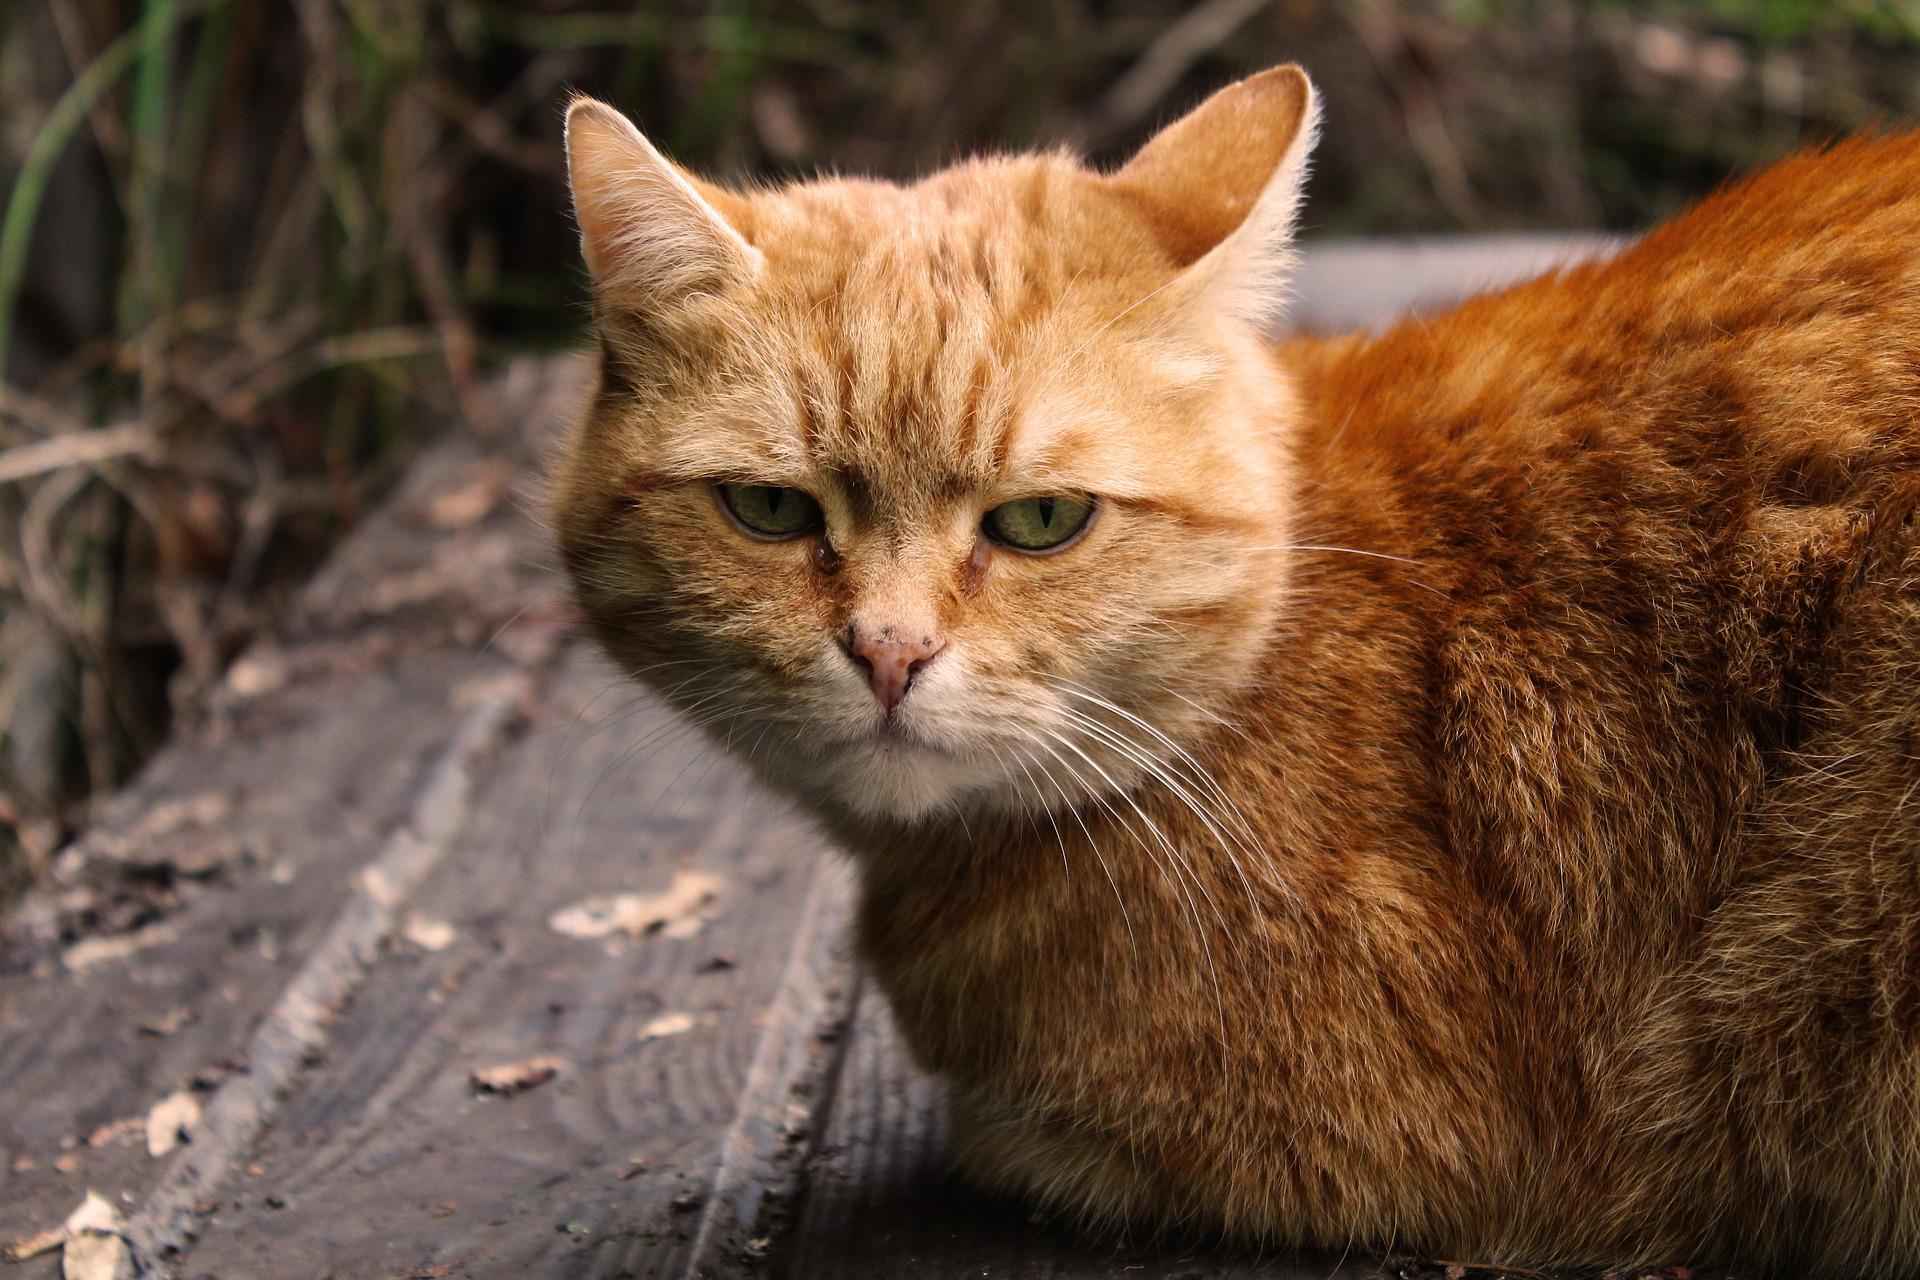 cat-4169713_1920